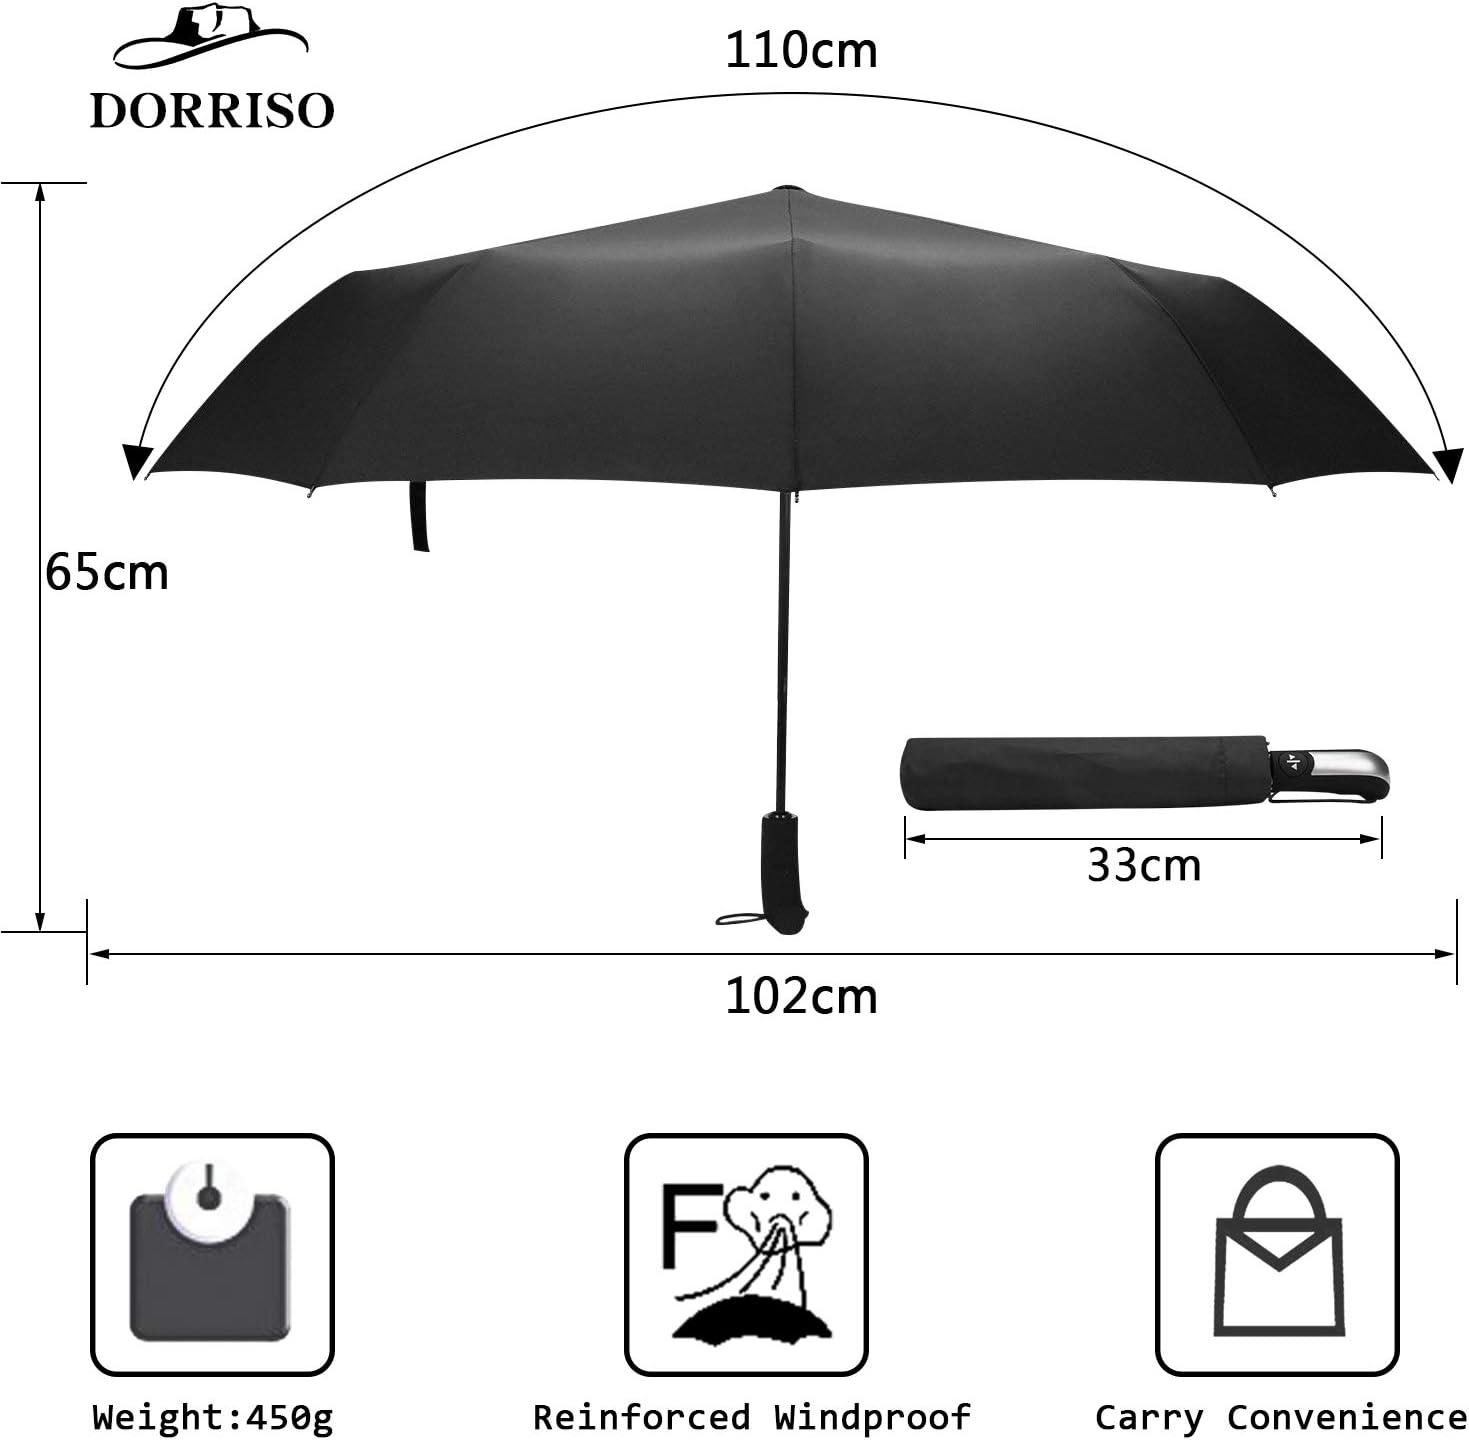 DORRISO Automatique Pliant Parapluie R/ésistant Vent Compact Portable l/éger Voyage /étanche Homme Femme Poign/ée Antid/érapante Parapluie de Voyage